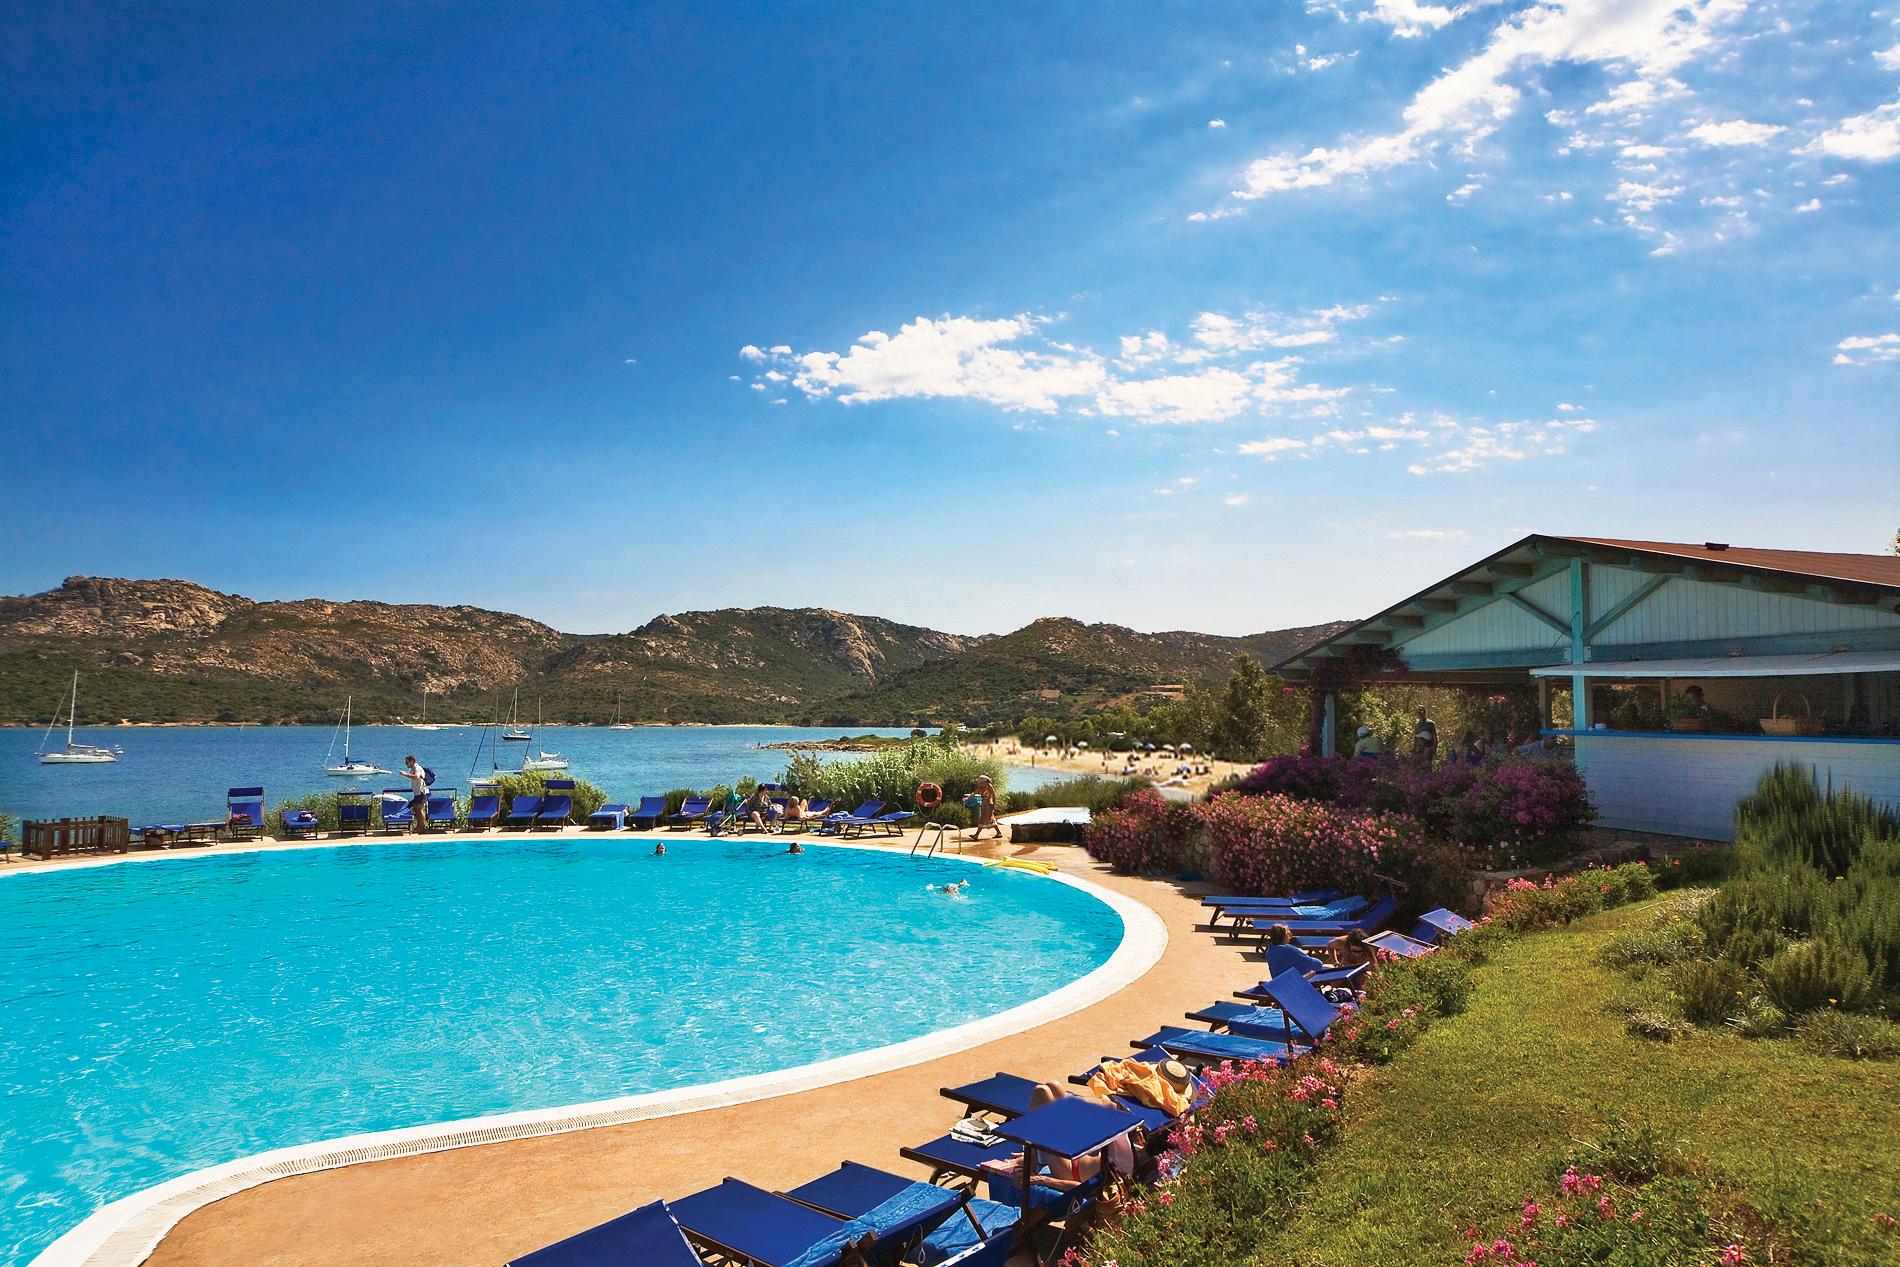 Hotels in sardinia (porto pollo)  : Park Hotel Cala Di Lepre & Spa